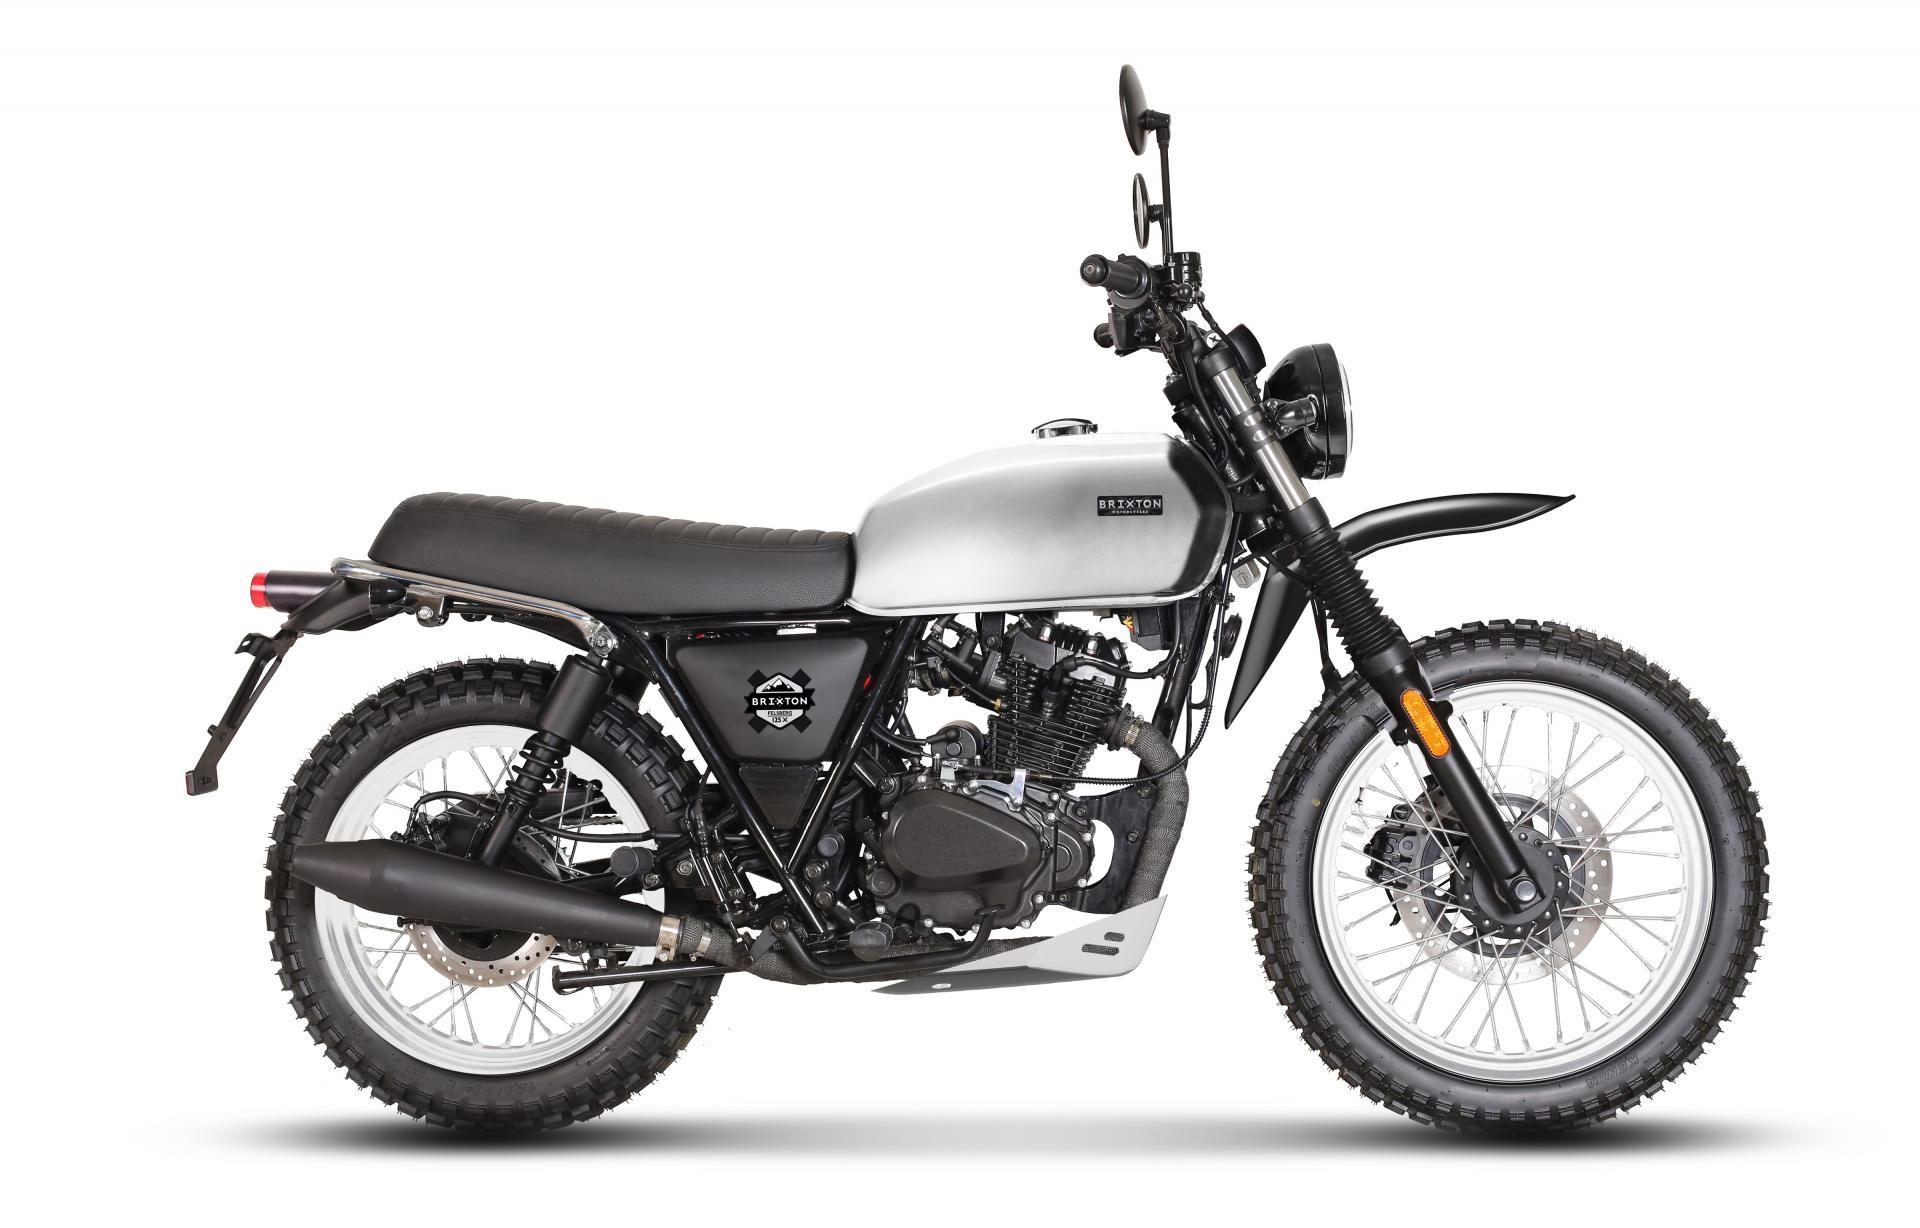 BRIXTON FELSBERG XC 125